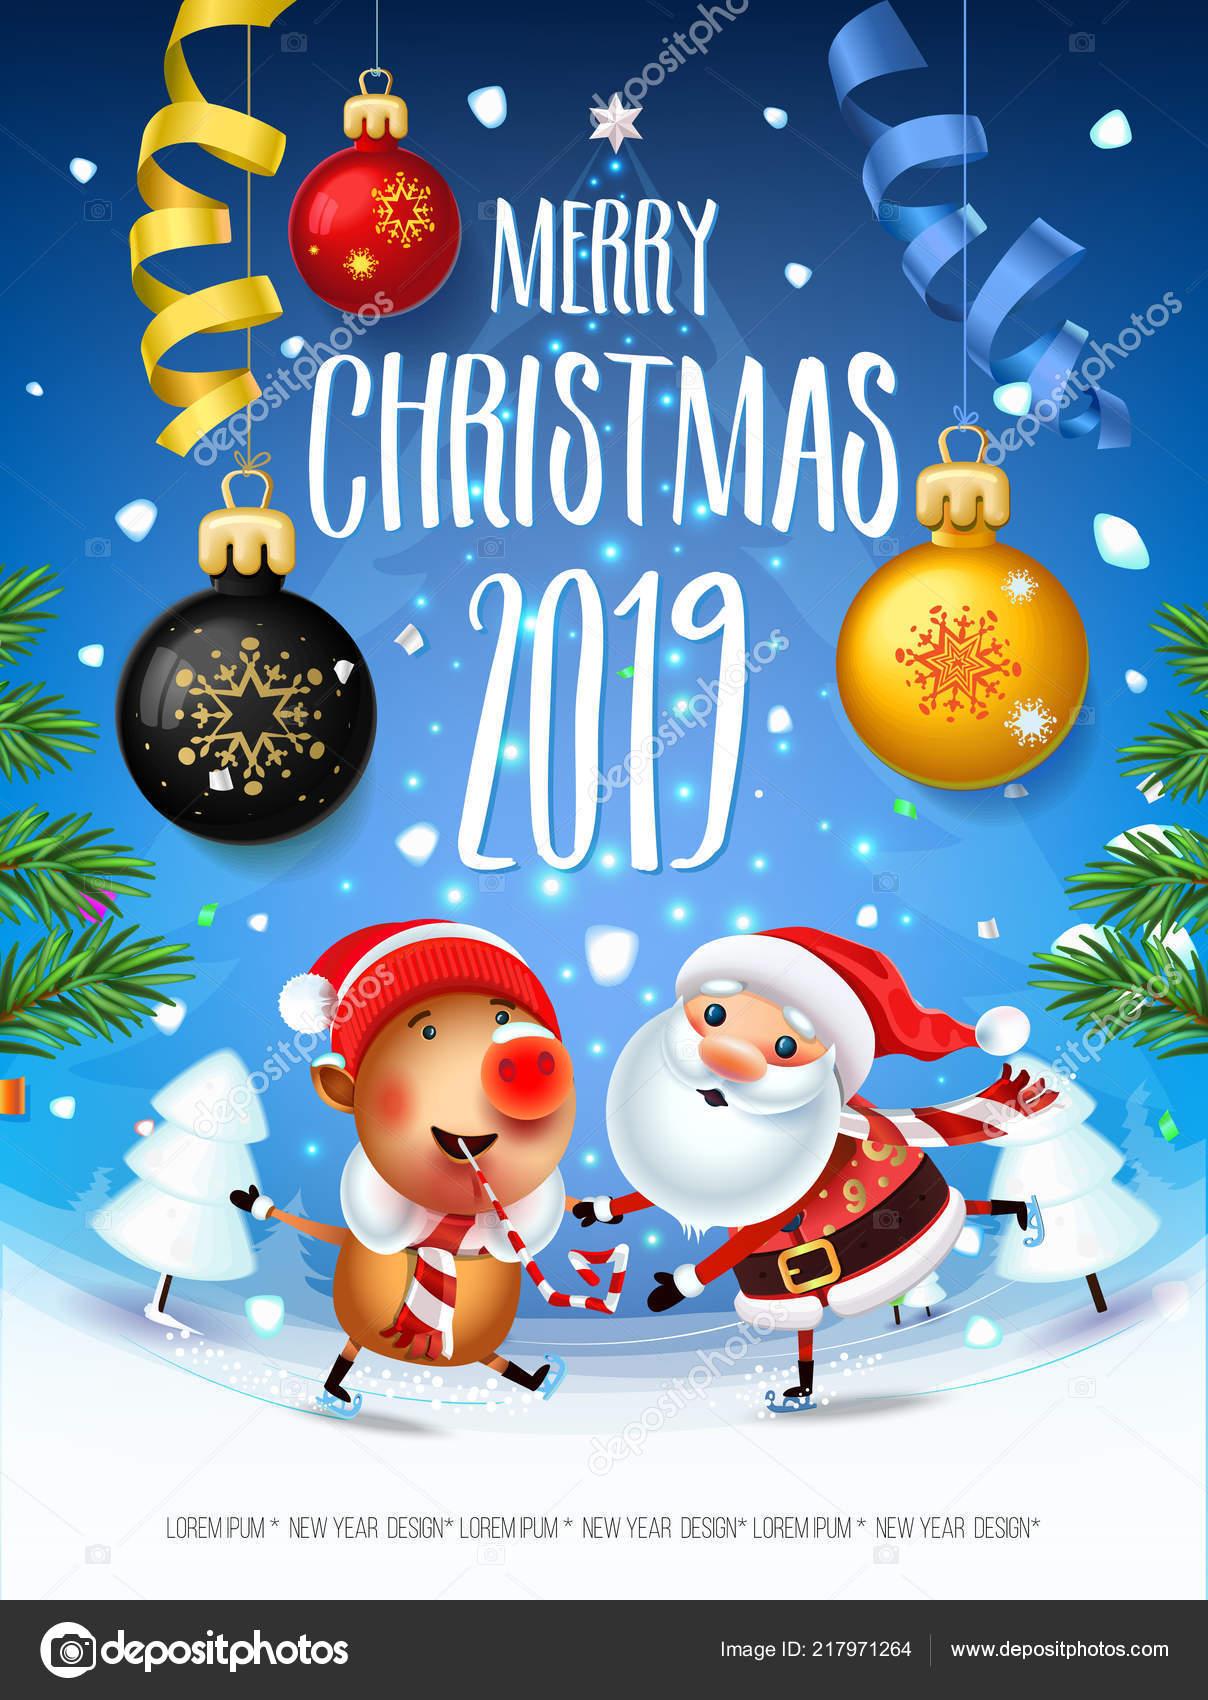 Weihnachten 2019 Schnee.Santa Claus Mit Dem Symbol Des 2019 Schweine Auf Schlittschuhen